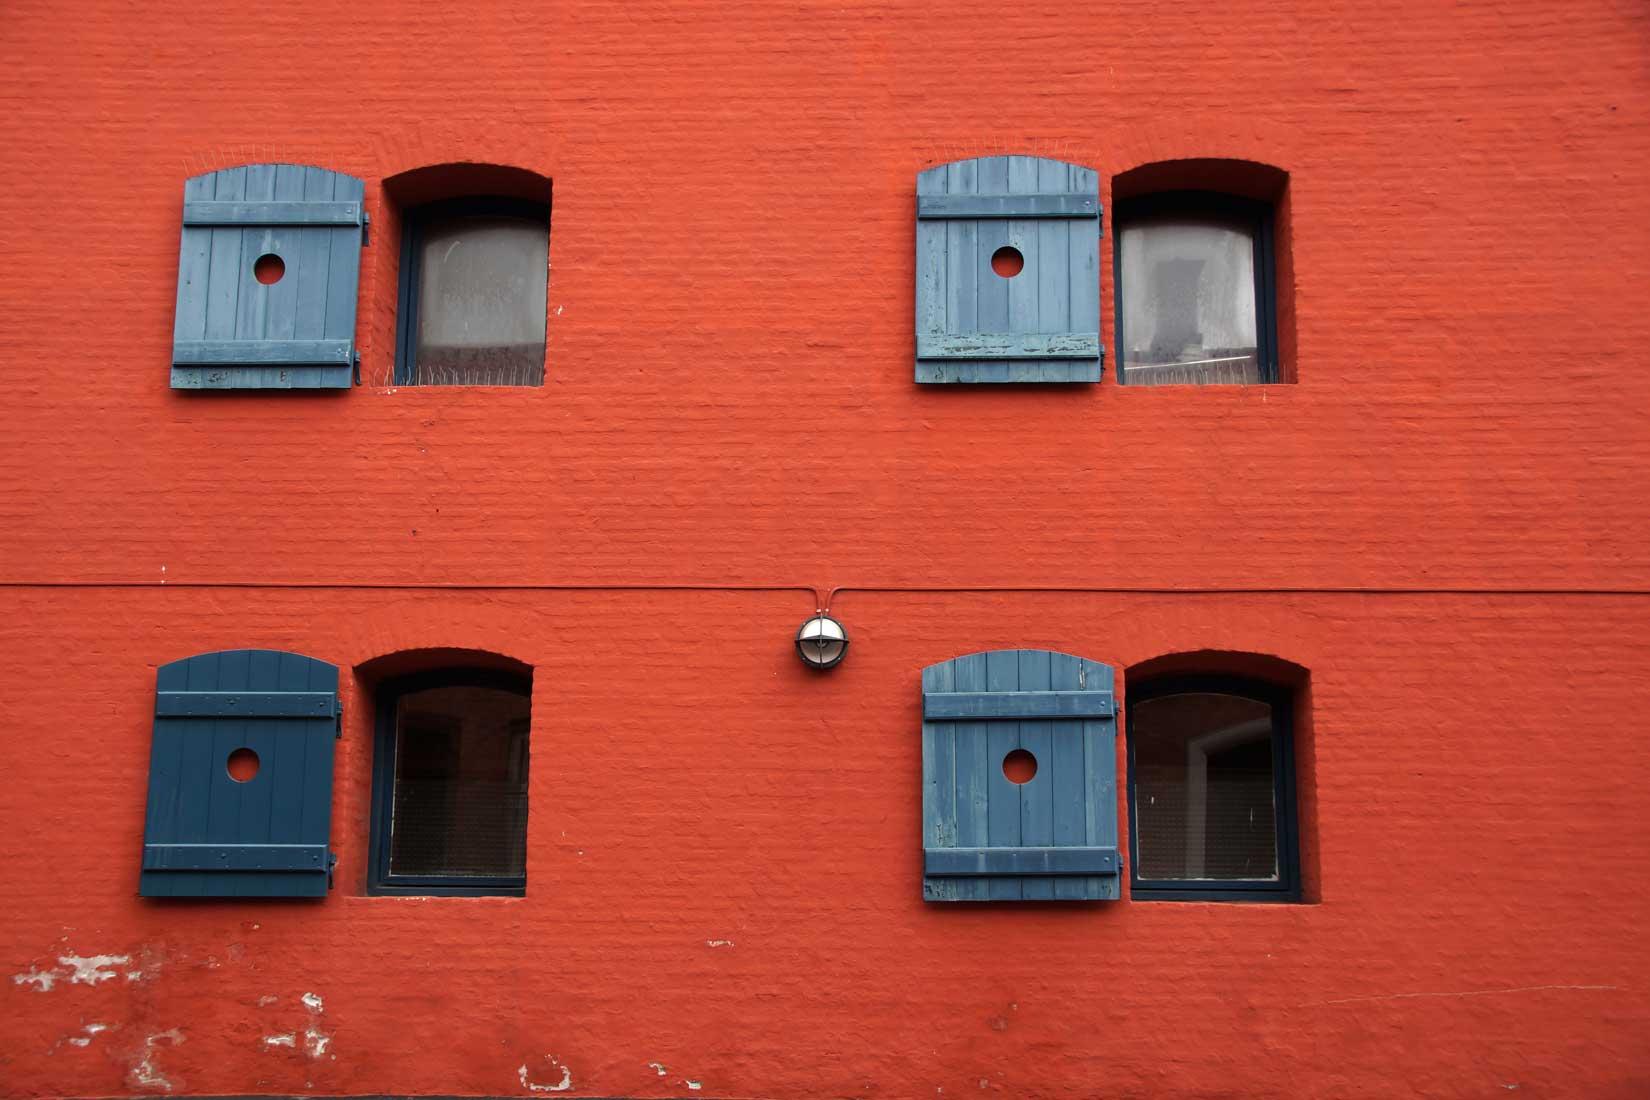 Rotes Parkhaus, Naestved Dänemark